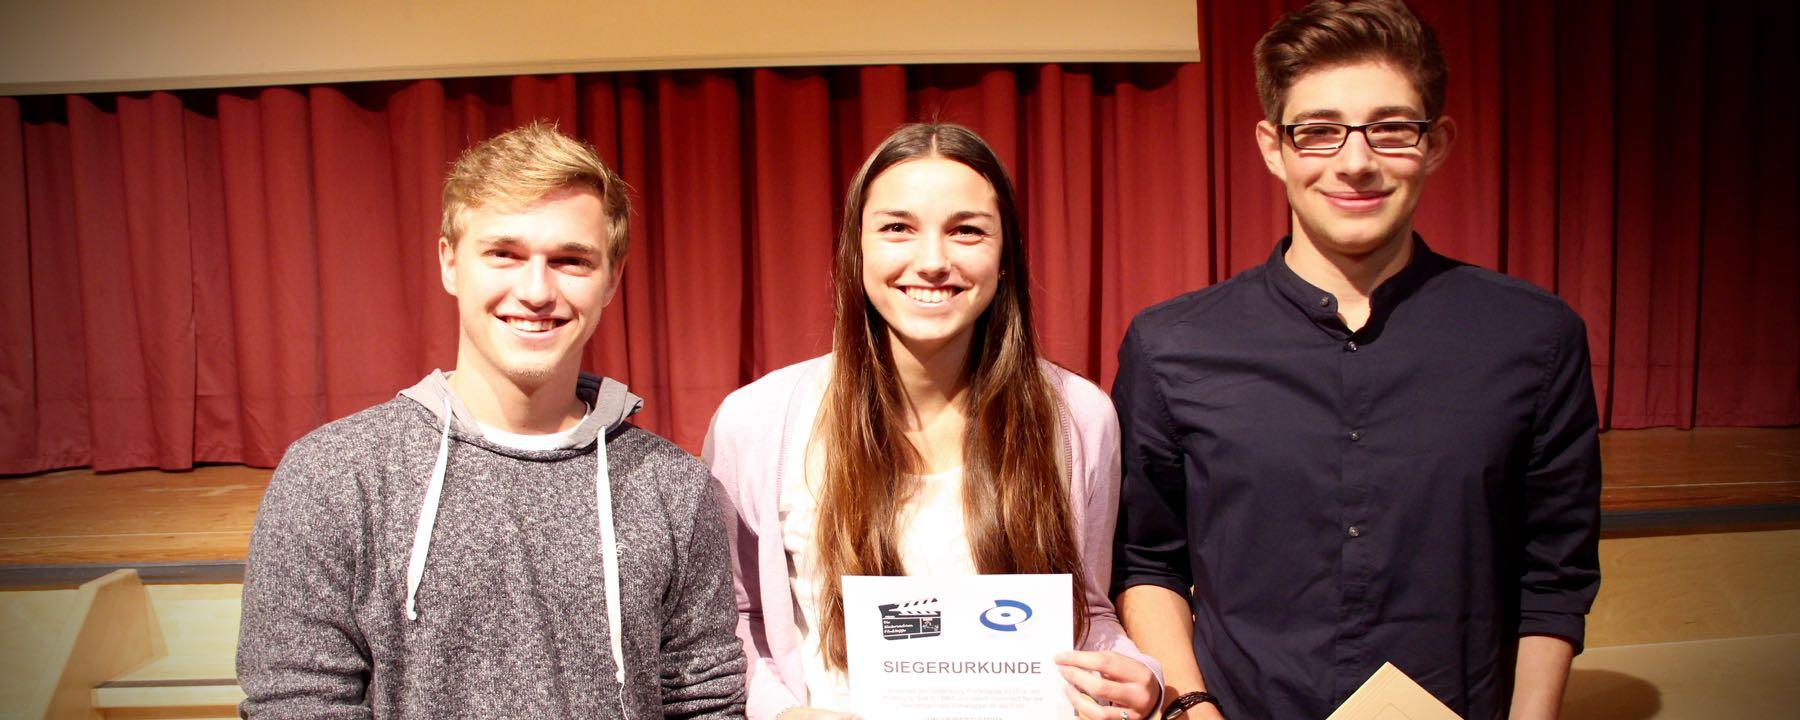 Oldenburg Filmklappe 2015: Zwei GAG-Erfolge